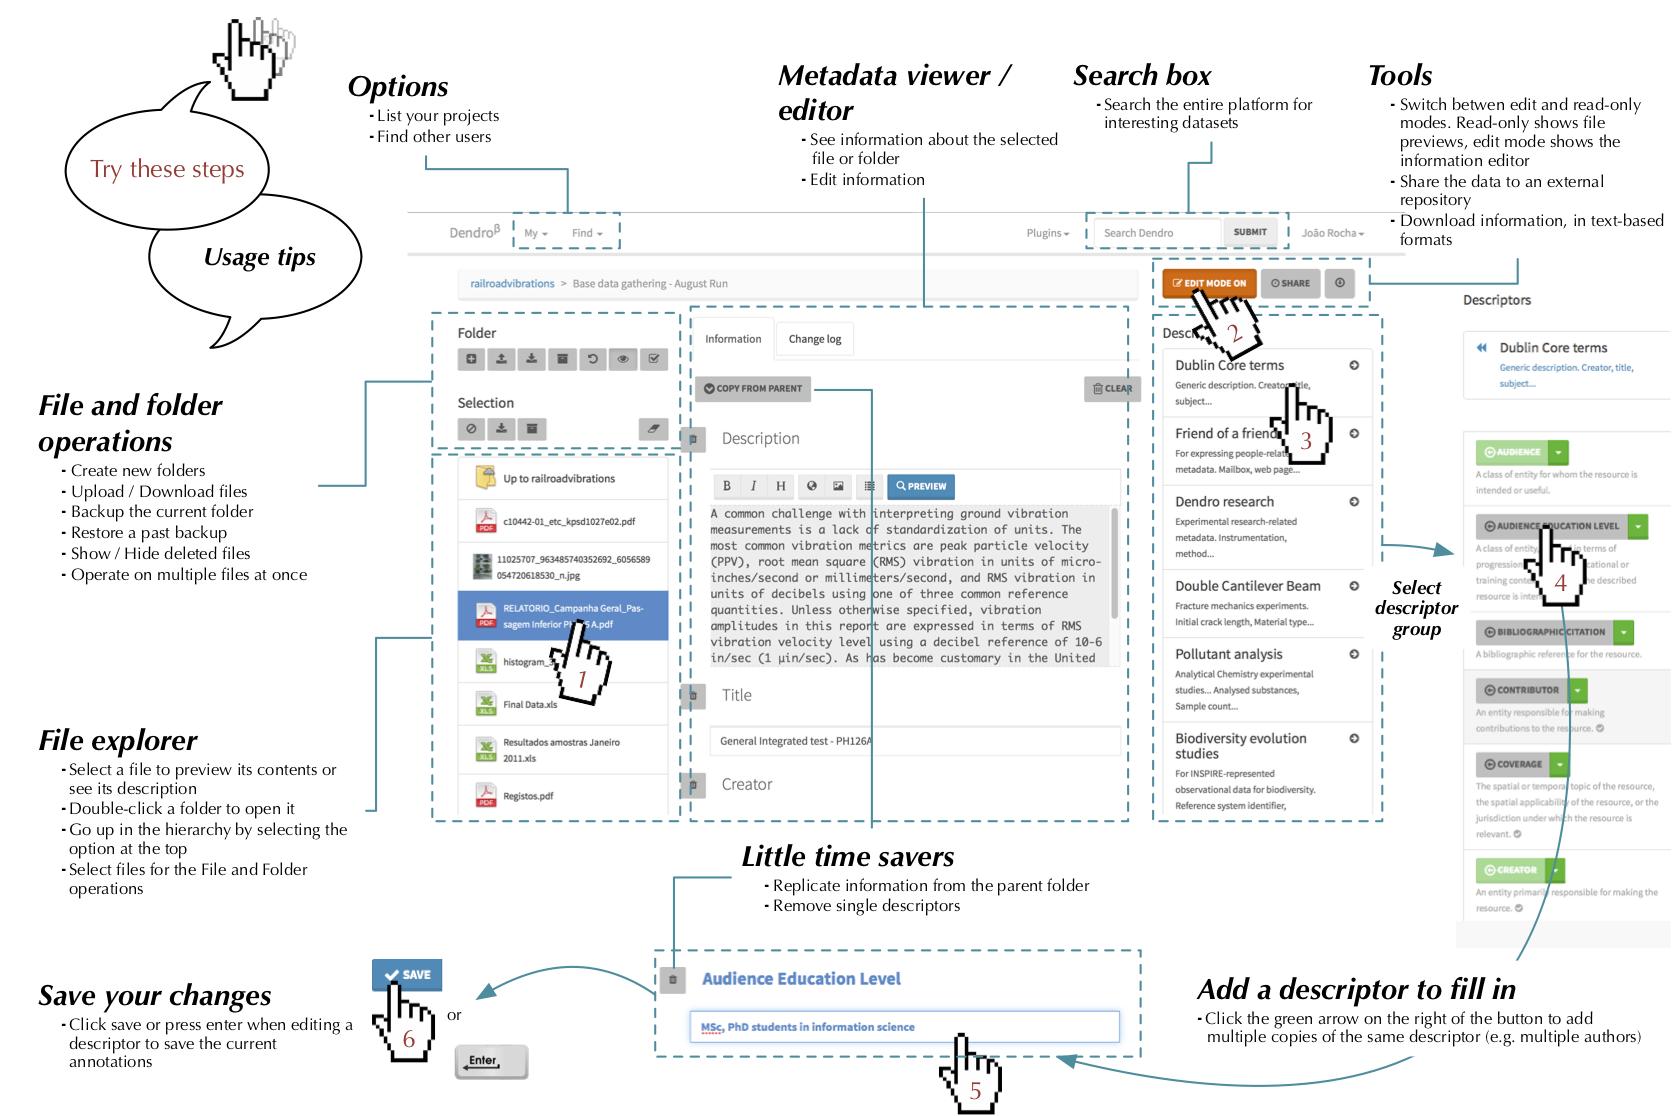 dendro user interface